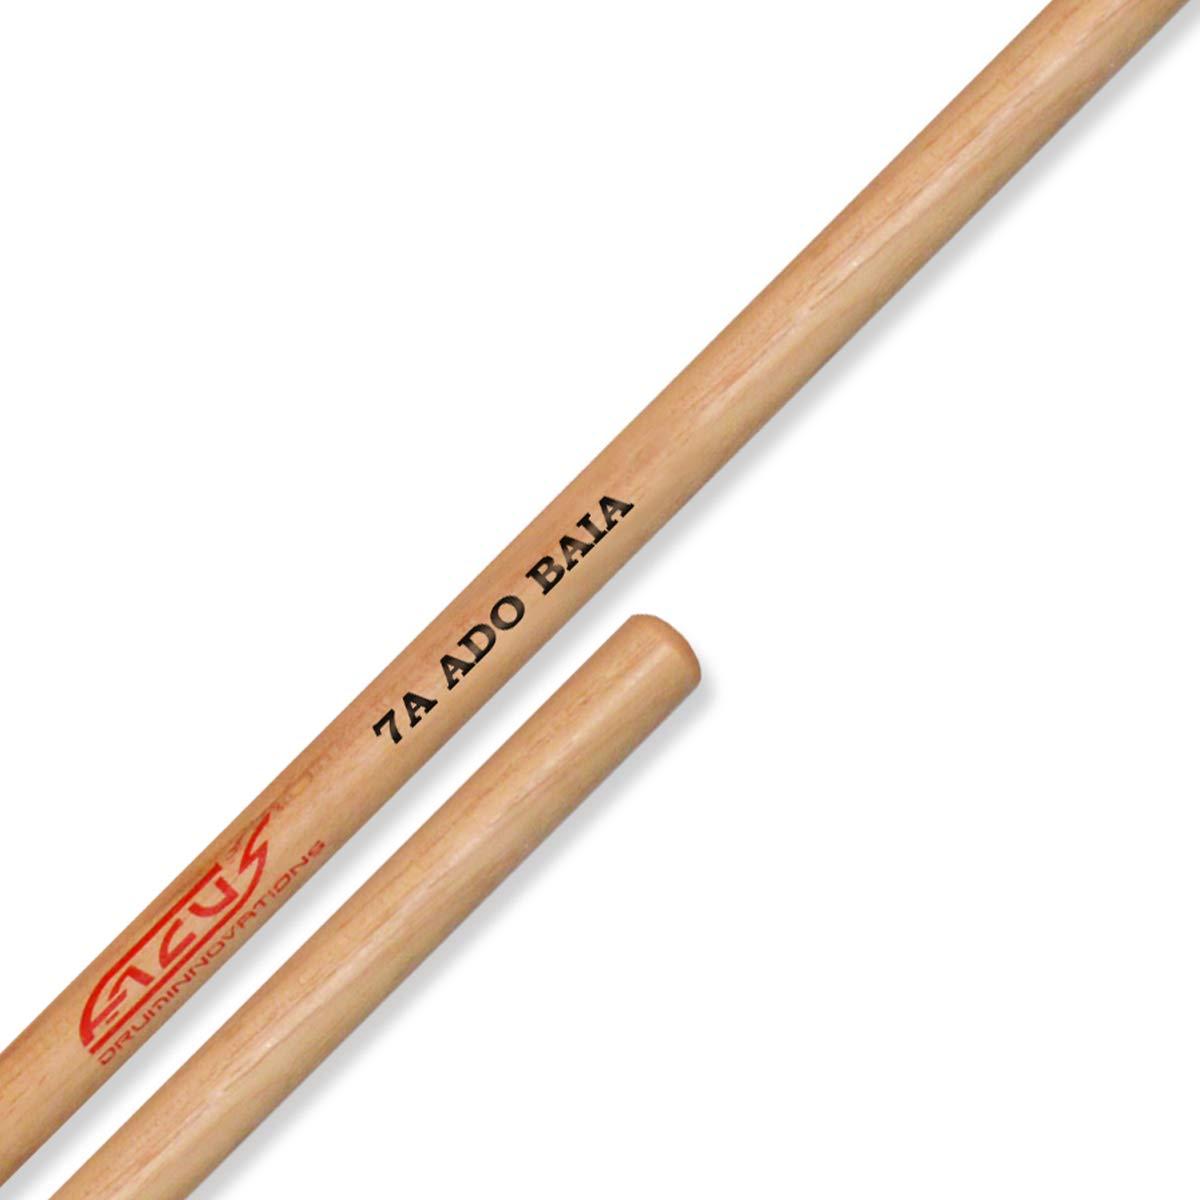 adobaya Hickory 7A wand by FACUS